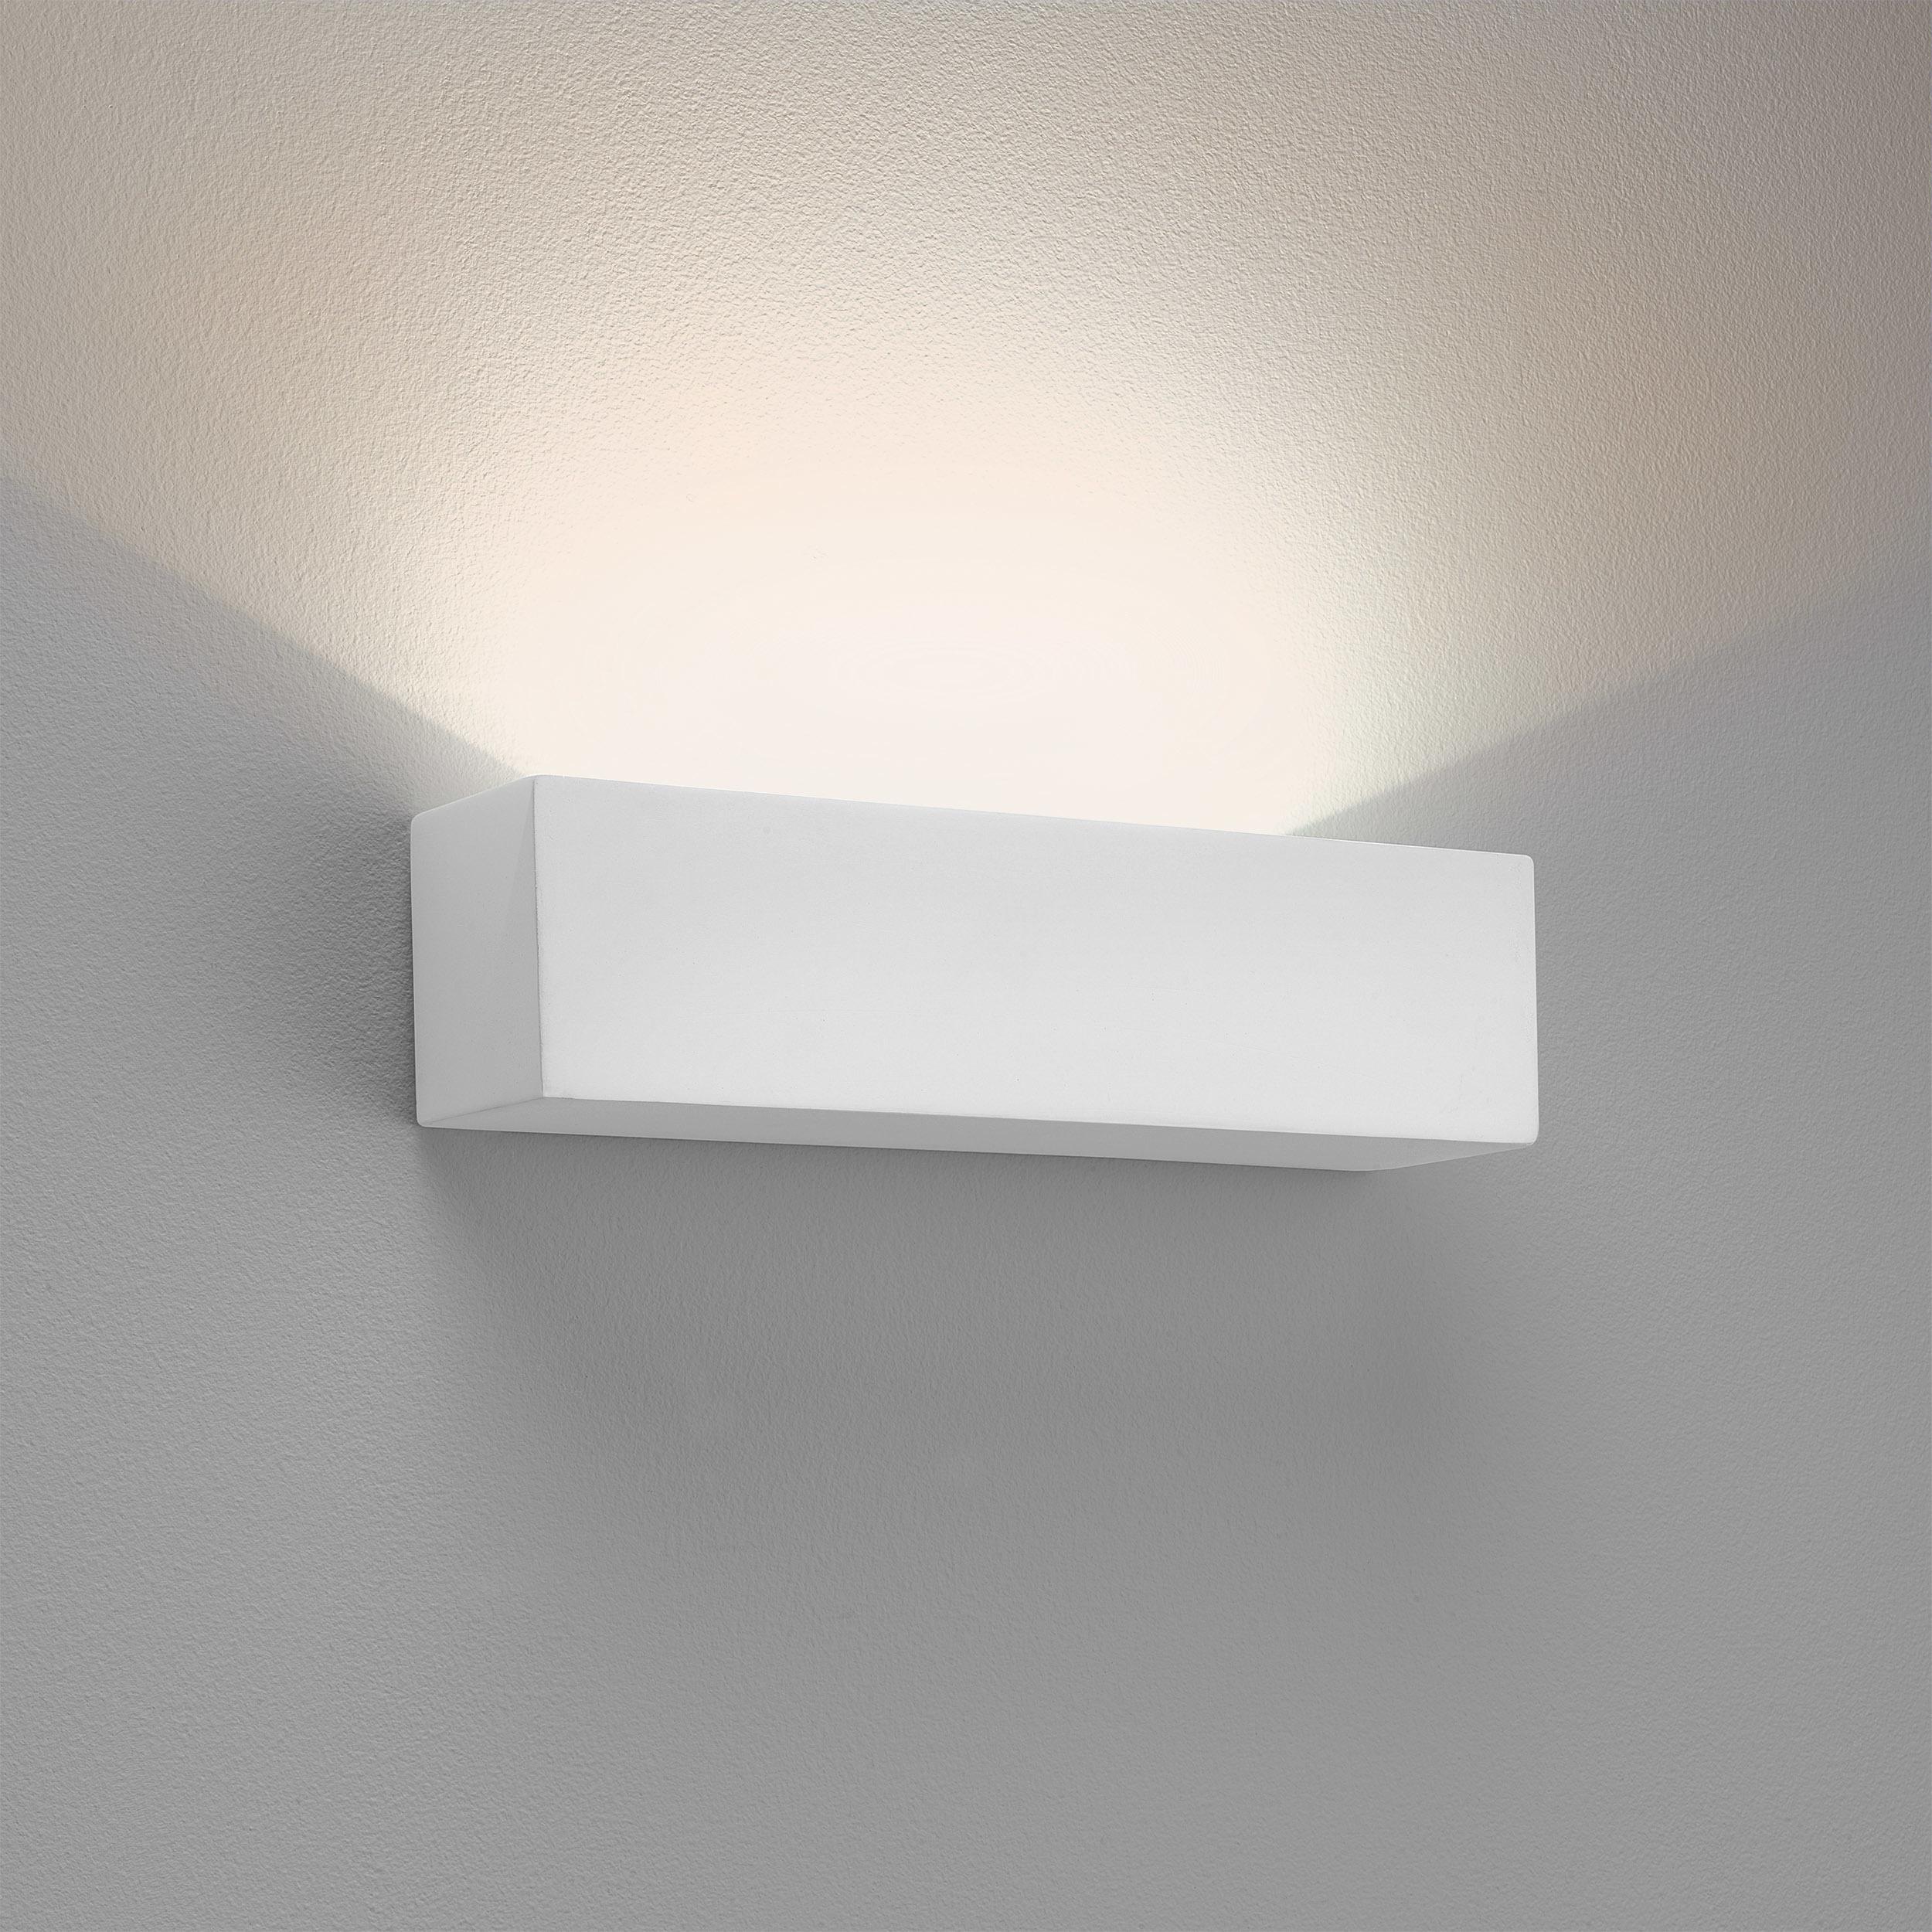 Настенный светодиодный светильник Astro Parma 1187015 (7599), LED 8,7W 2700K 319lm CRI80, белый, под покраску, гипс - фото 1